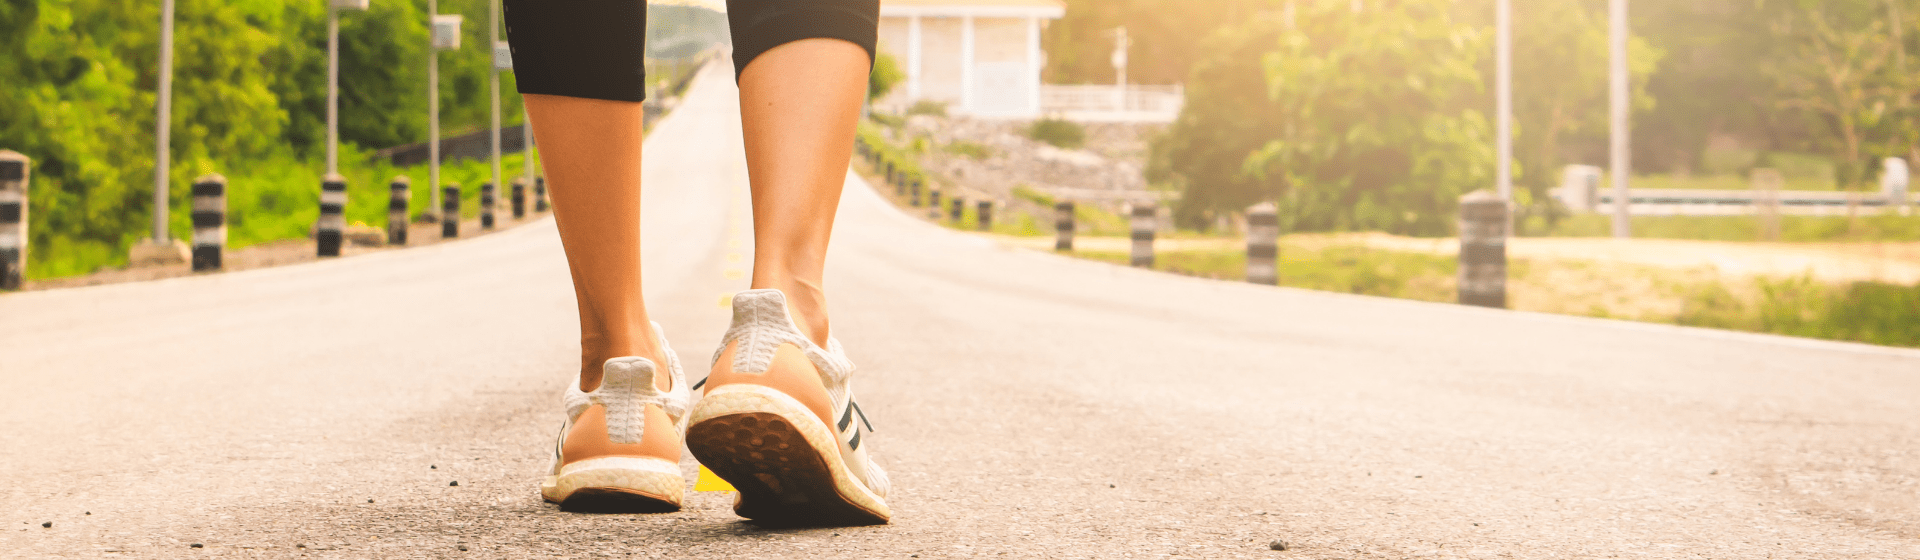 Melhor tênis para caminhada de 2021: 12 modelos para comprar